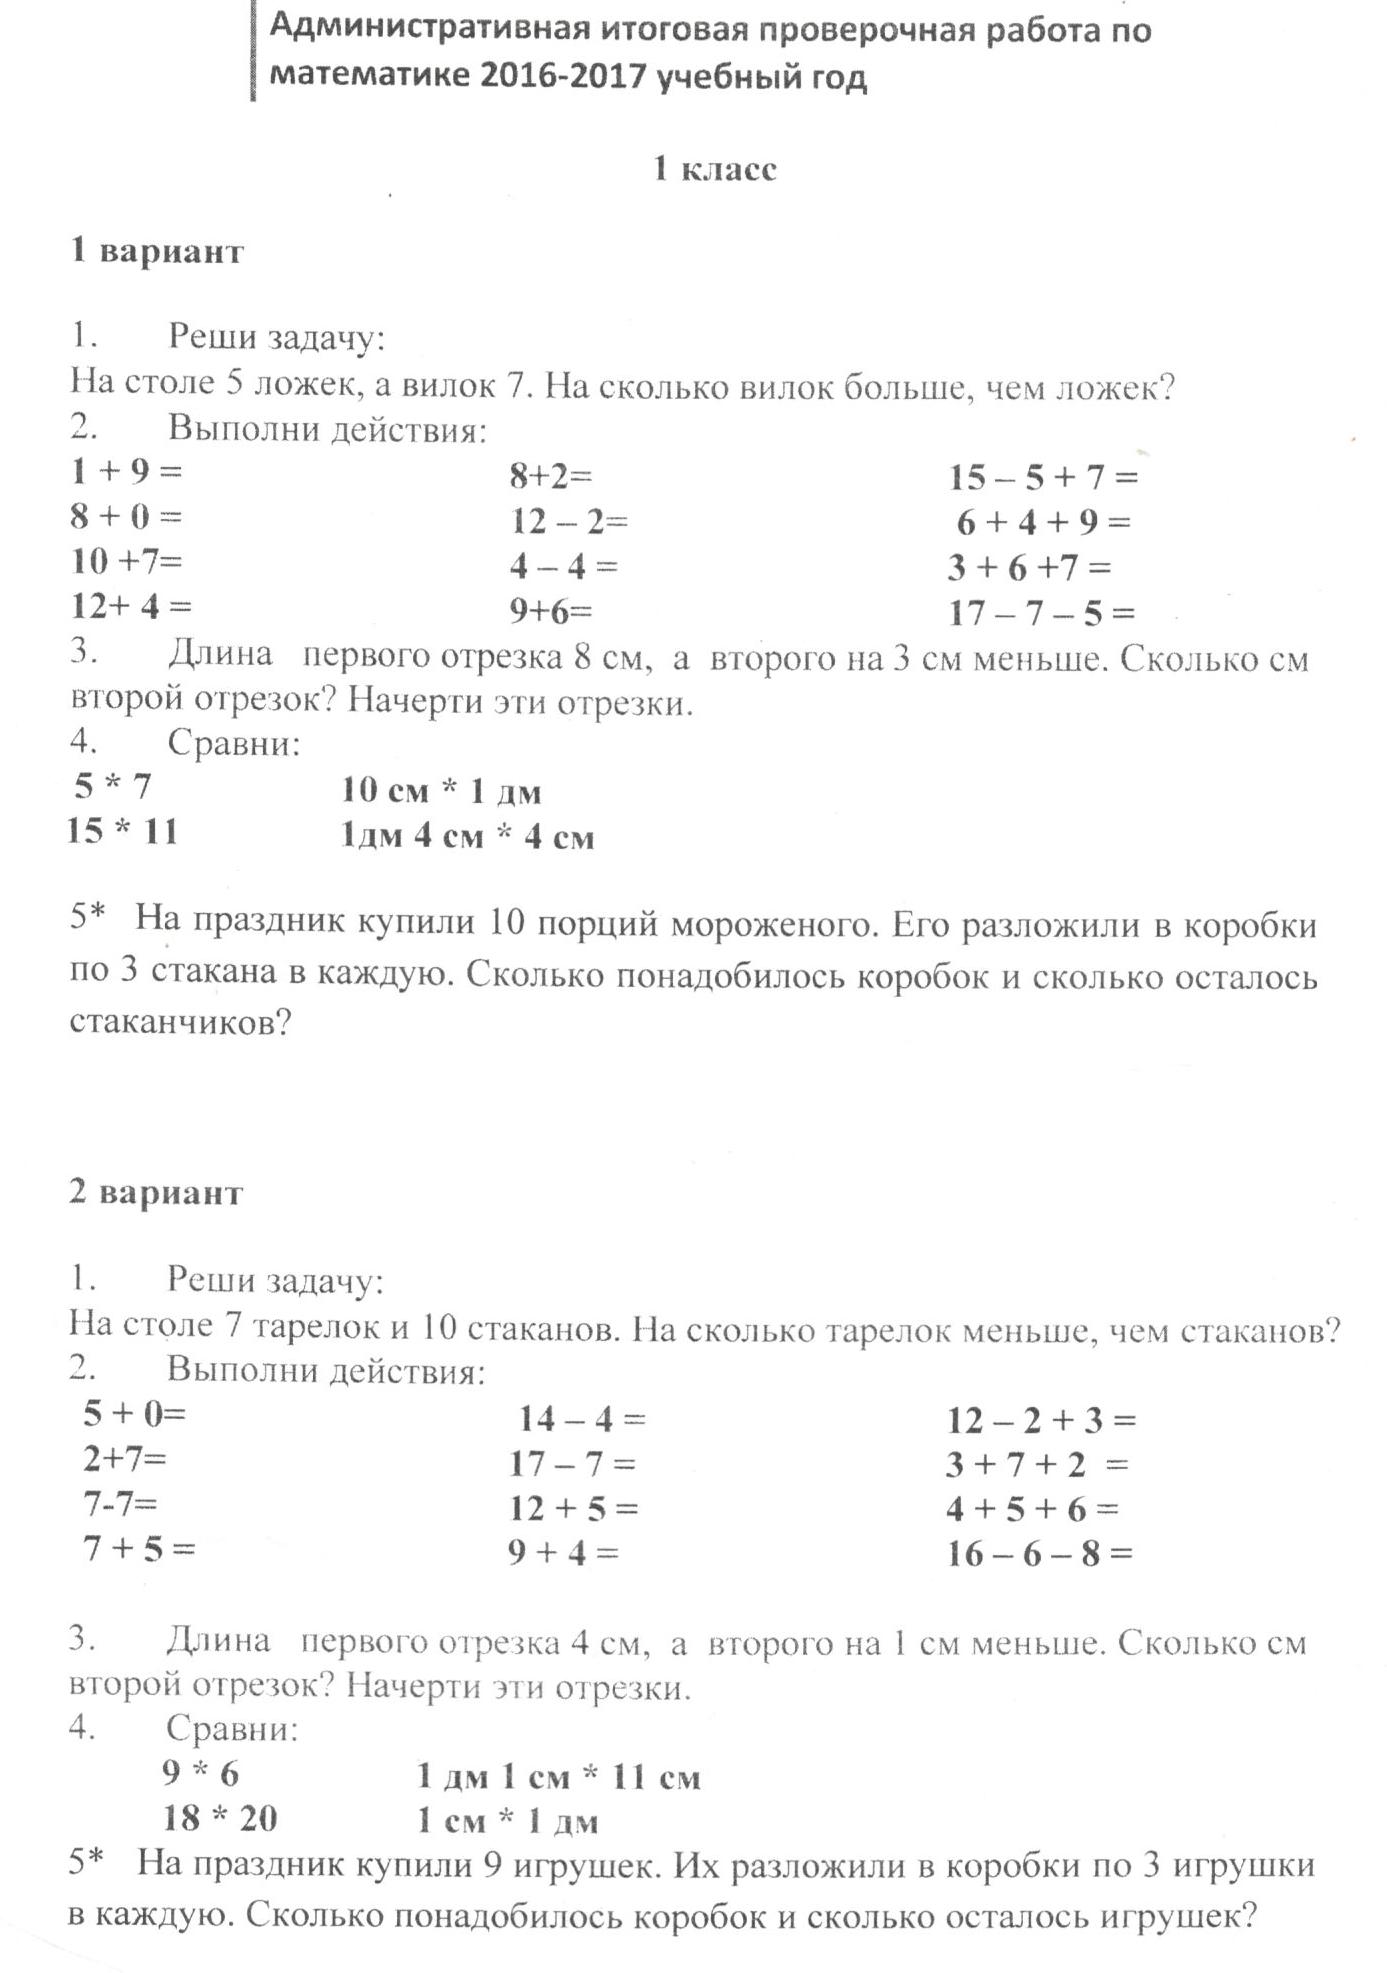 Домашний репетитор Елена Орлова Скачать Административная контрольная работа по математике 1 класс